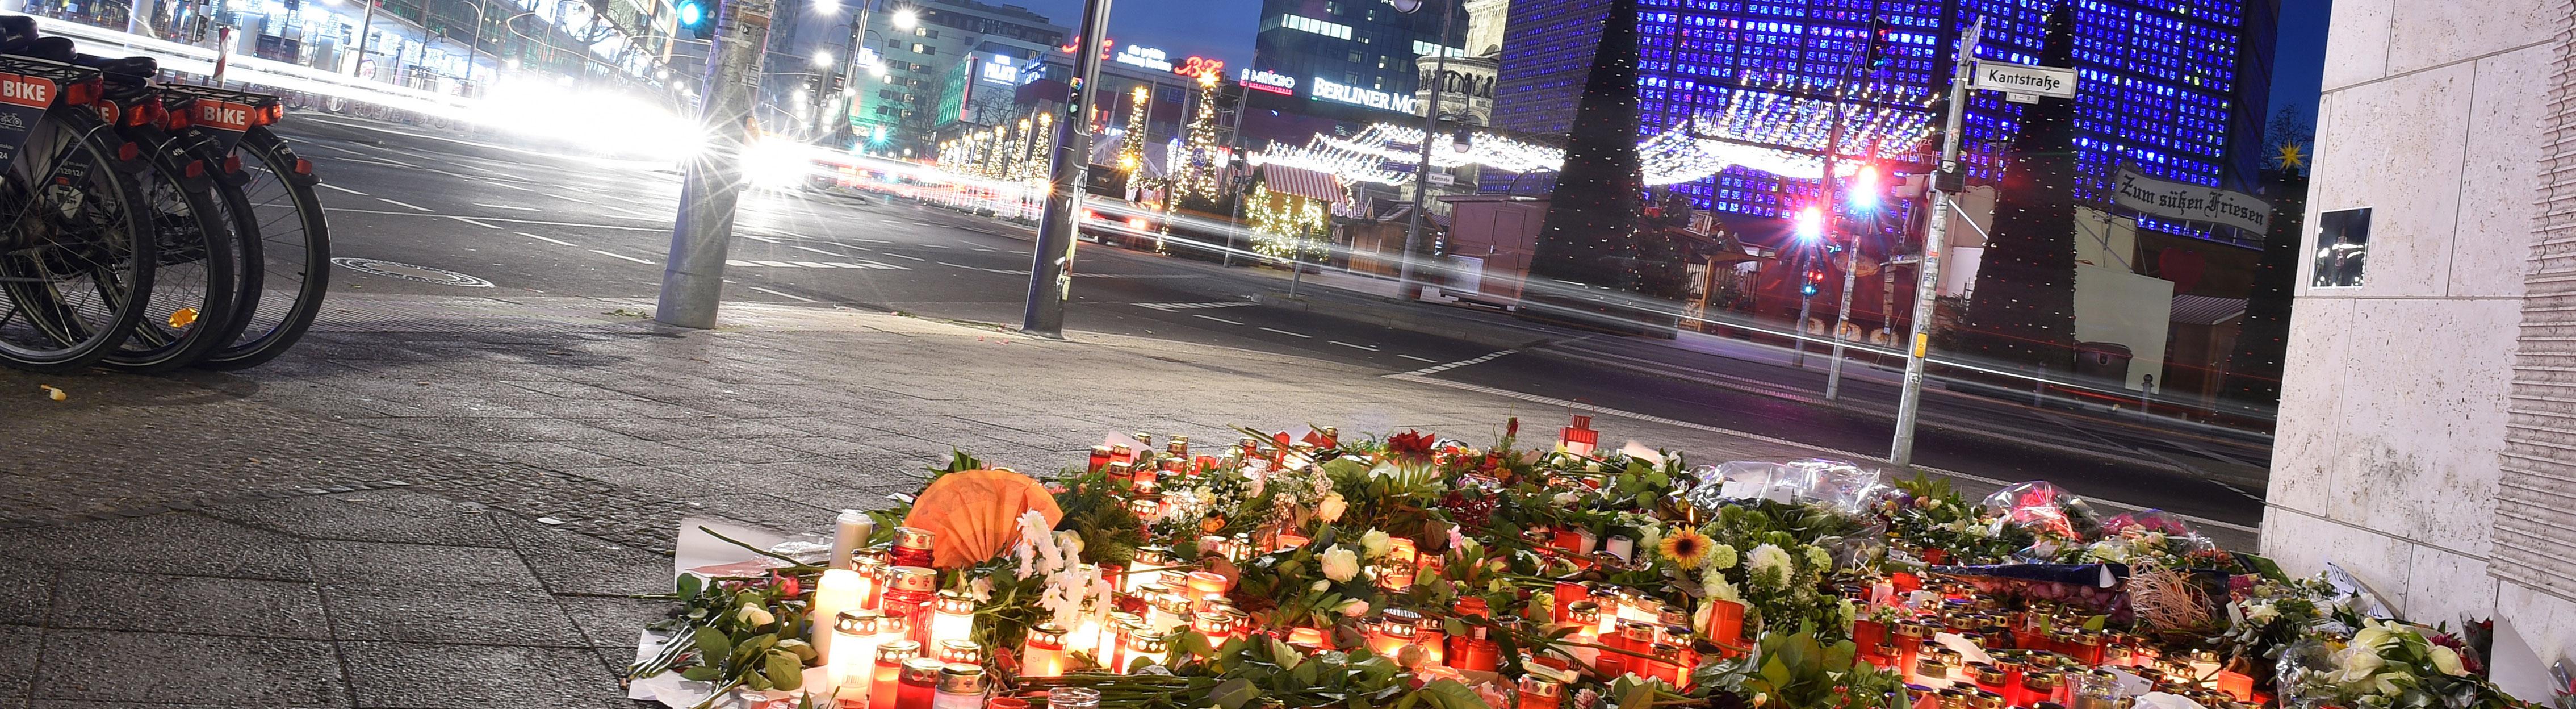 Autos fahren am 22.12.2016 am Anschlagsort in der Nähe der Gedächtniskirche in Berlin vorbei. Menschen haben Blumen abgelegt; Foto: dpa